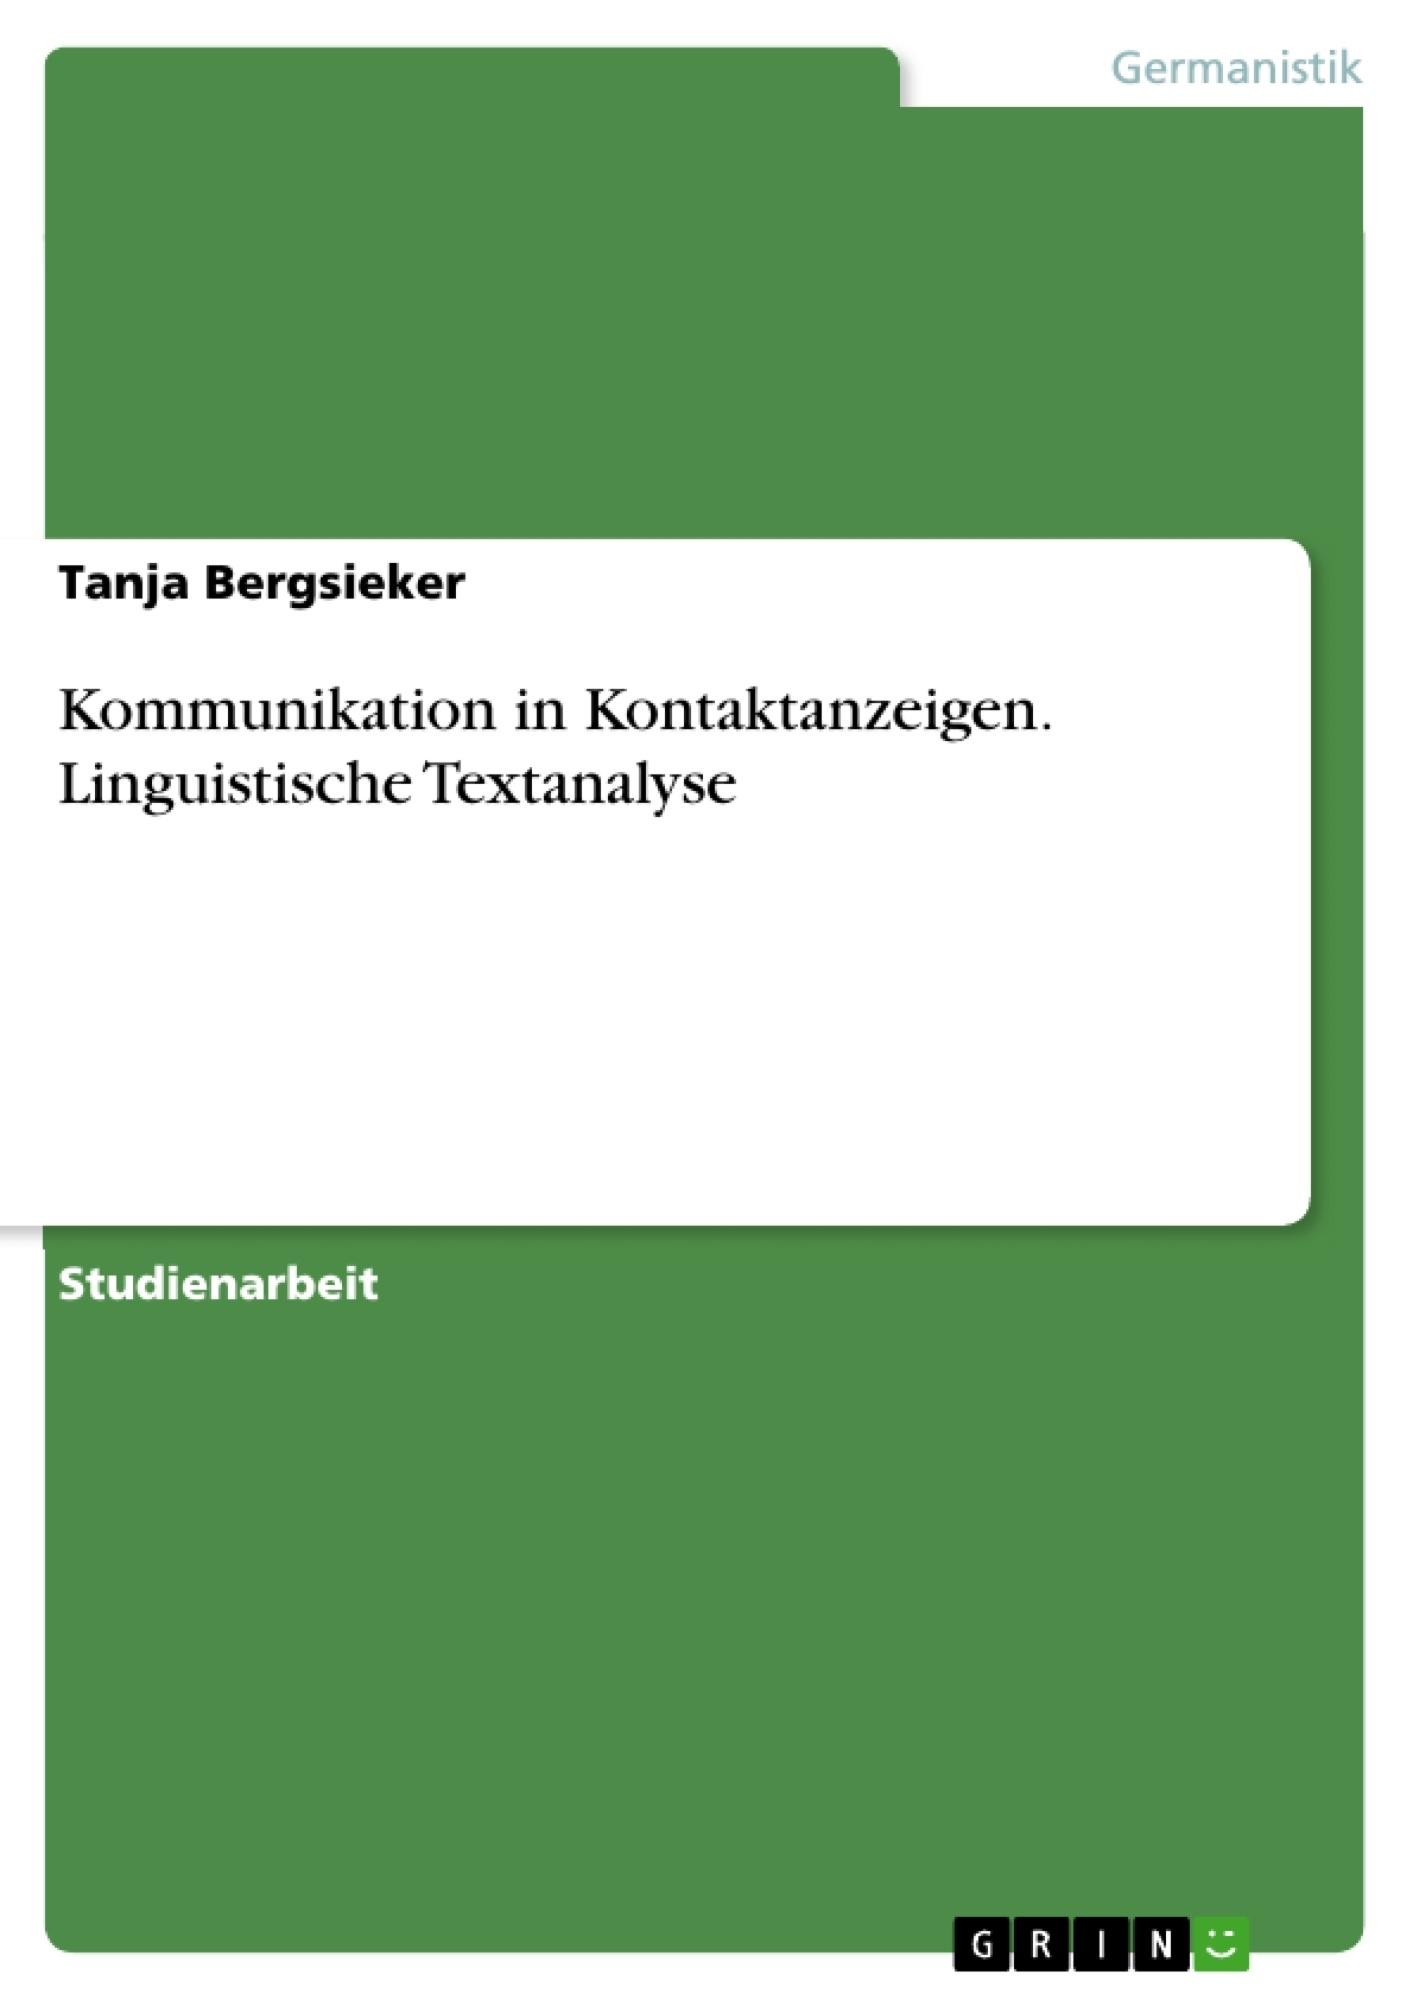 Titel: Kommunikation in Kontaktanzeigen. Linguistische Textanalyse